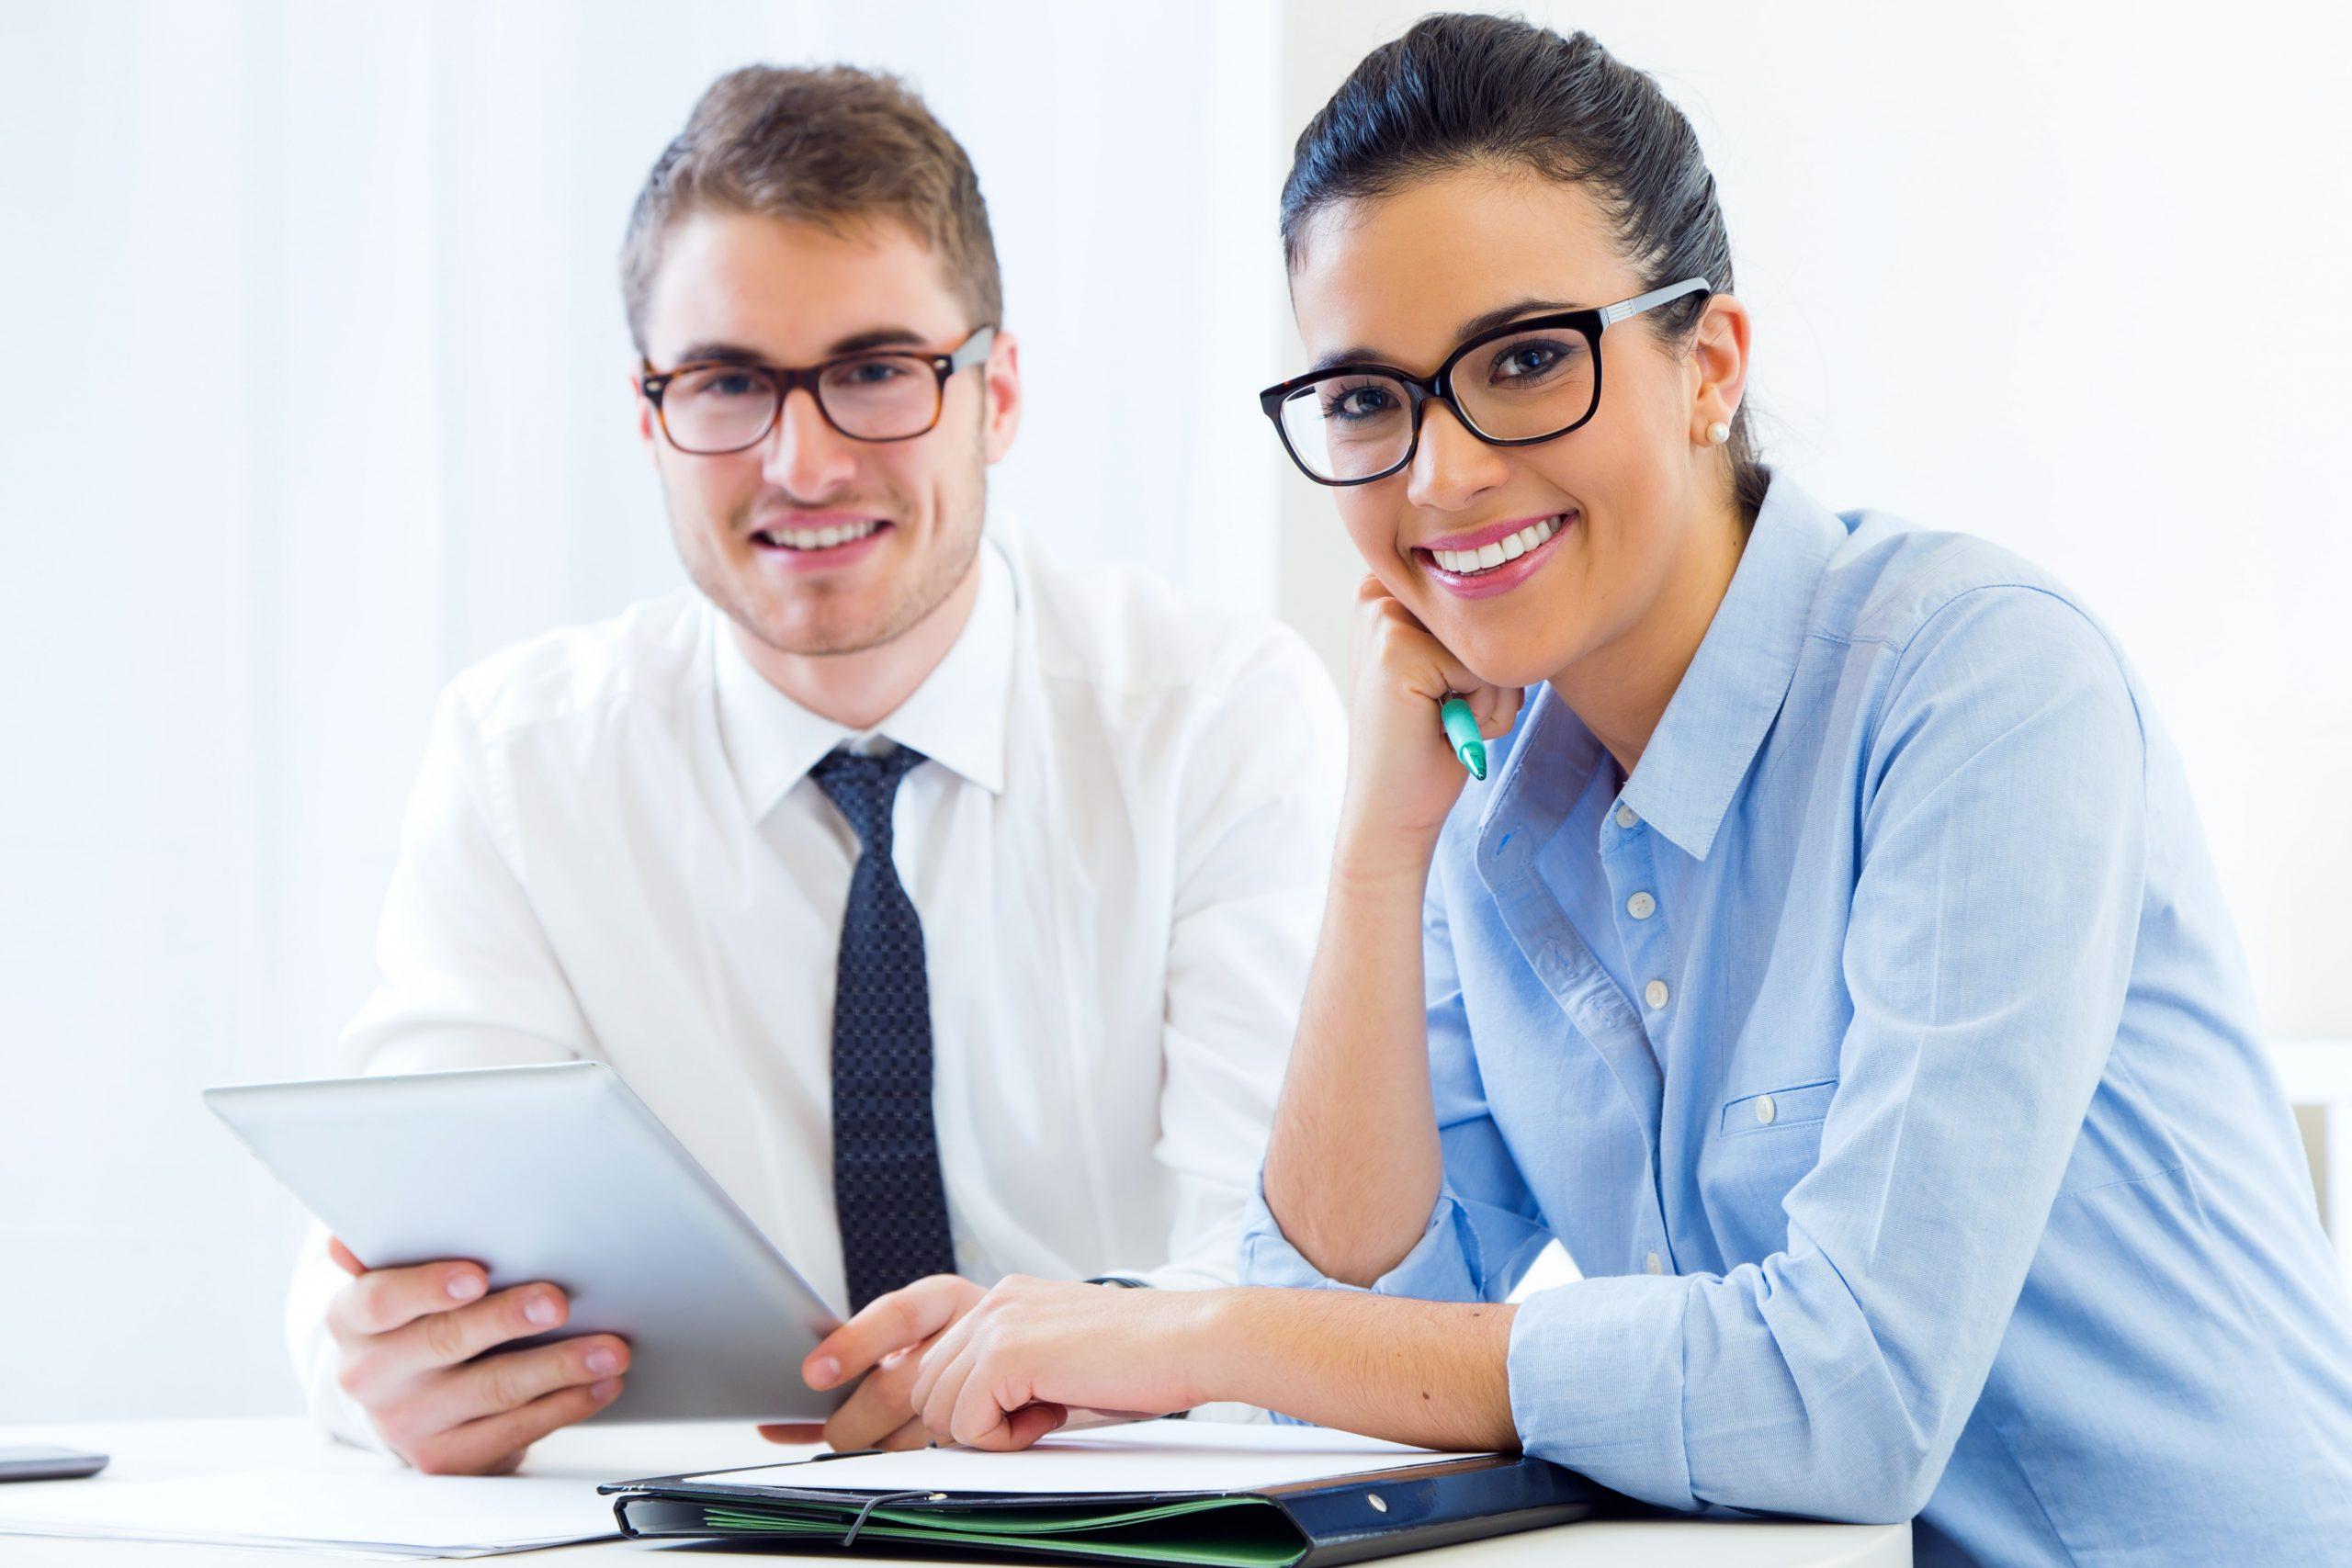 Când apare nevoia reală de a ne găsi misiunea profesională?